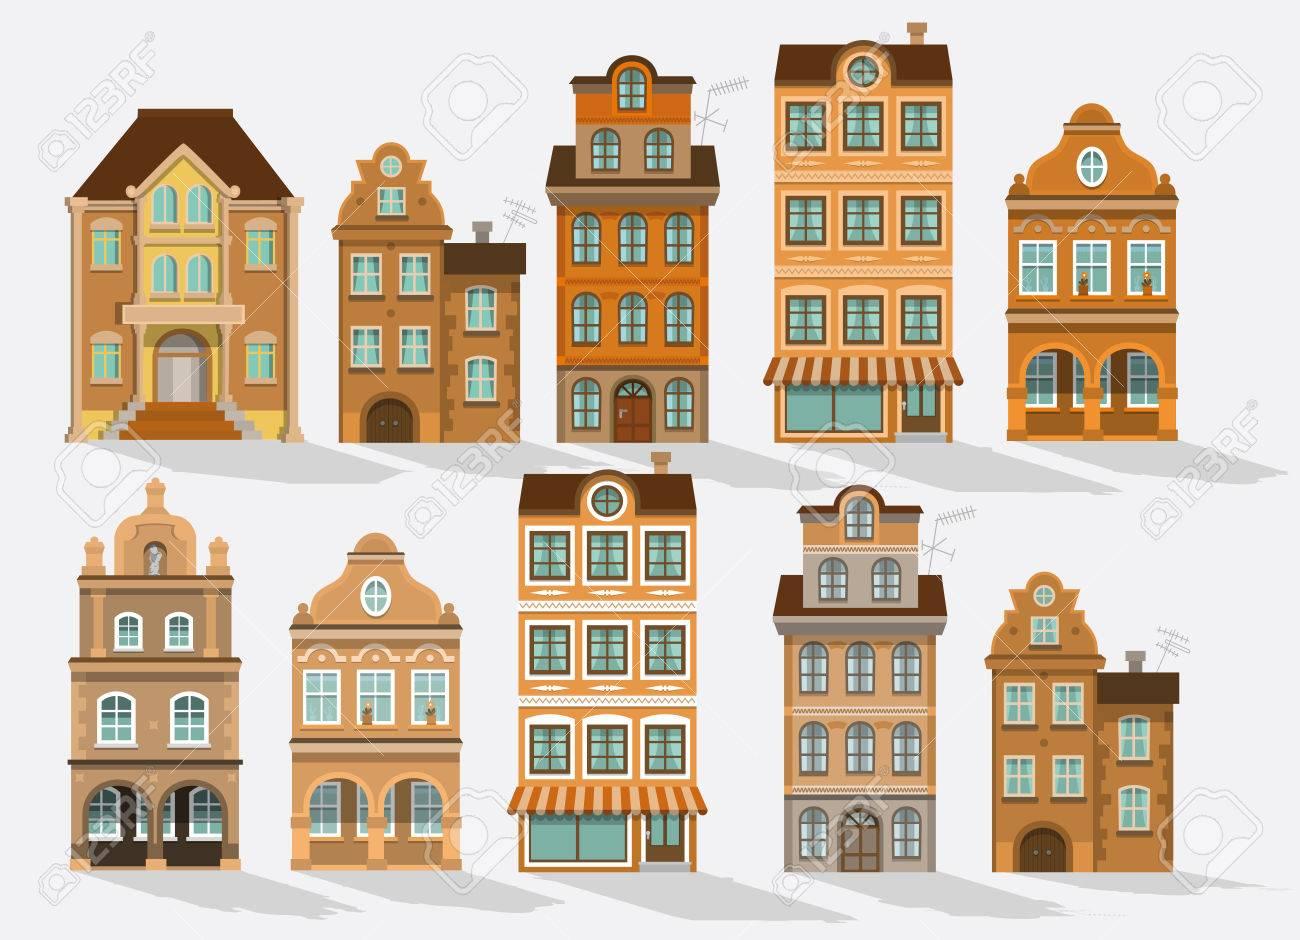 Vektor Illustration Der Historischen Häuser Retro Farben